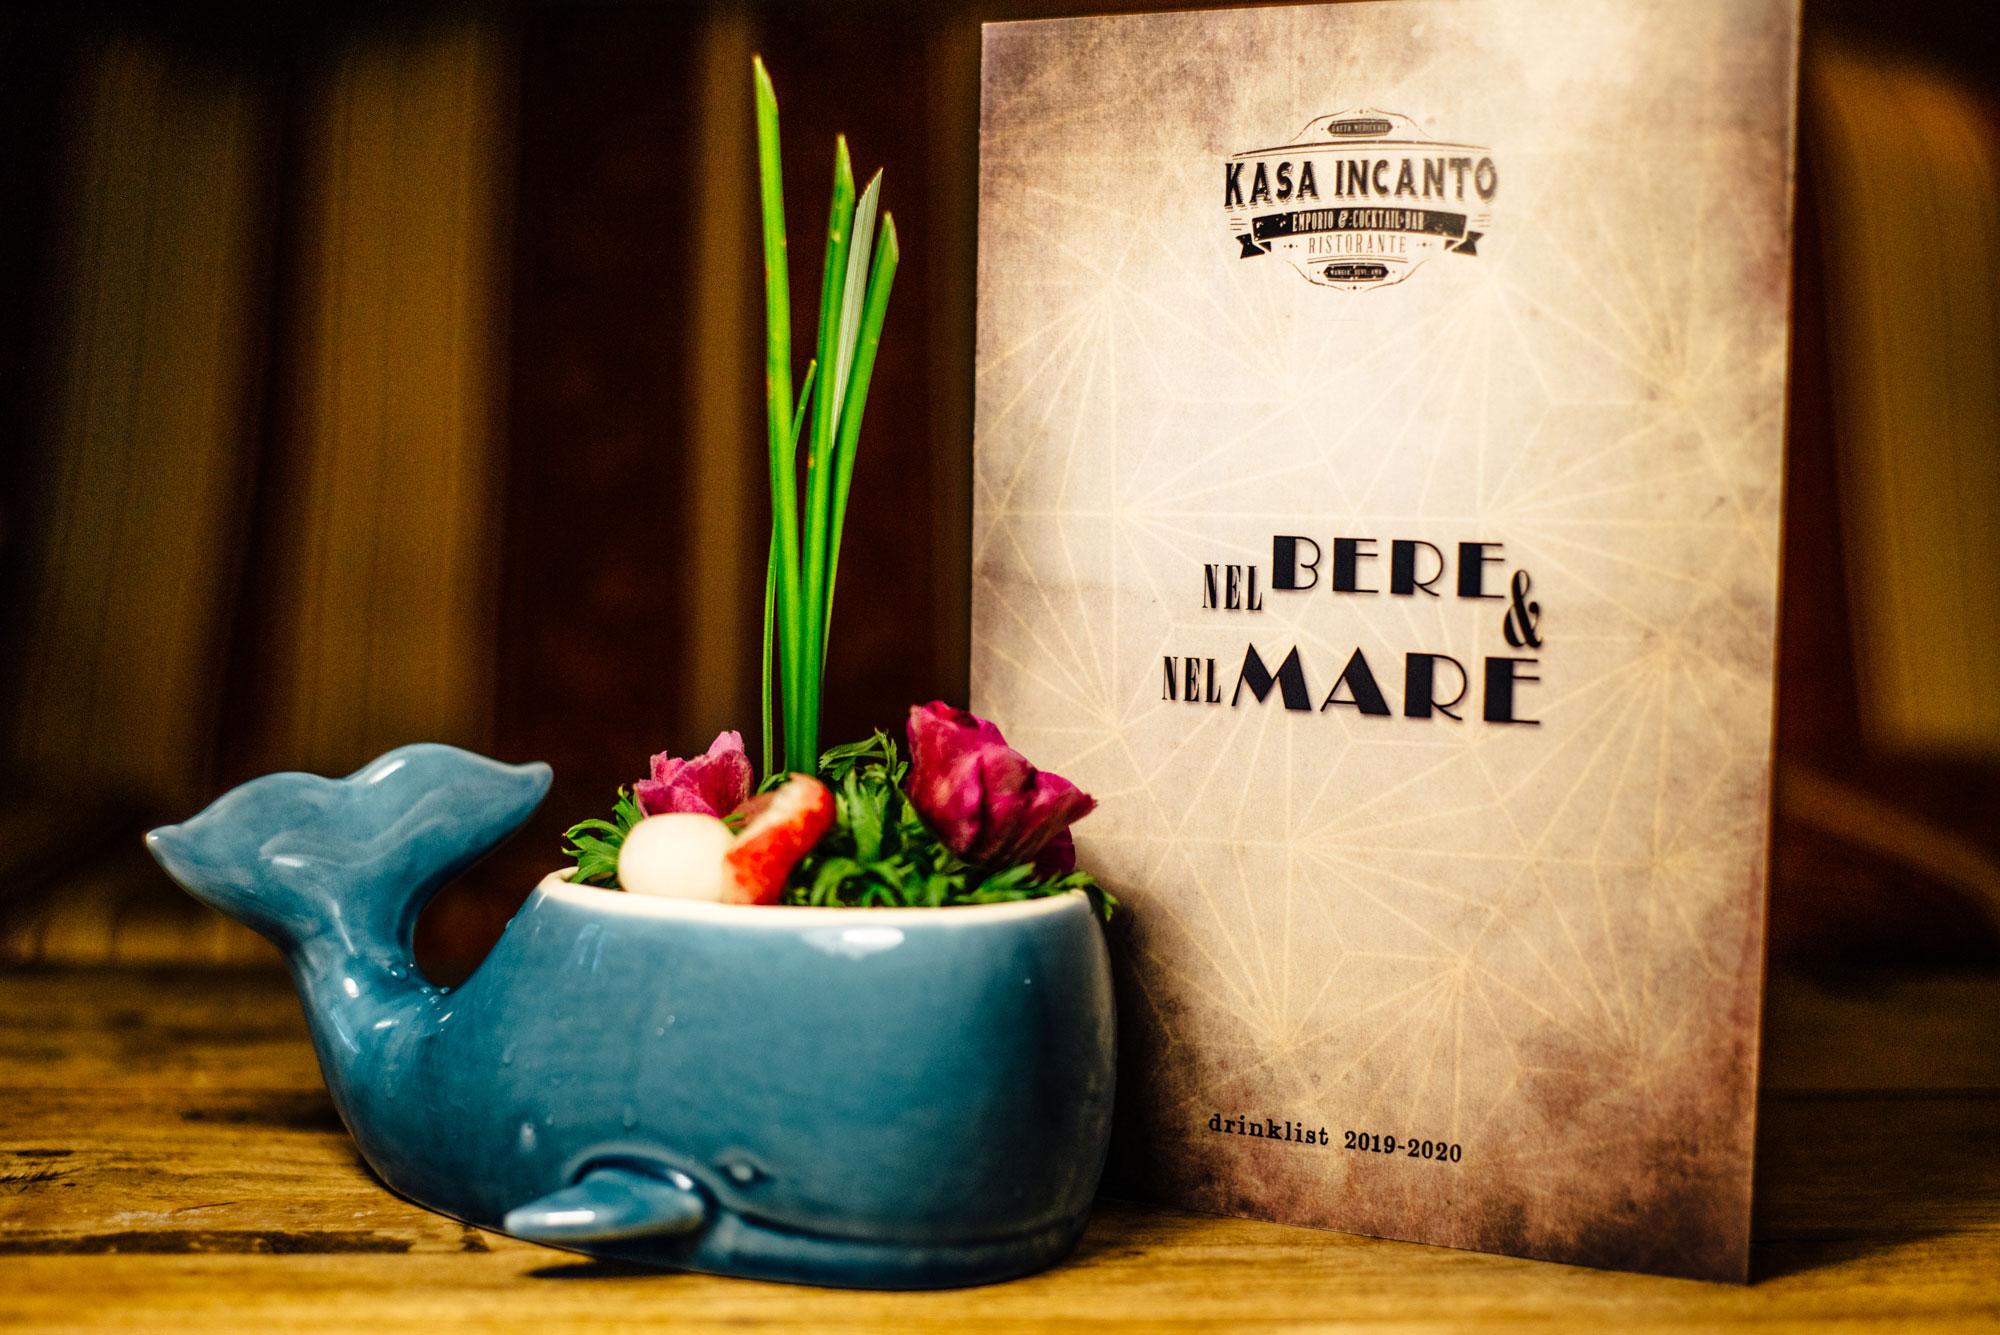 Nel_Bere_e_nel_mare_fabio_camboni_bartender